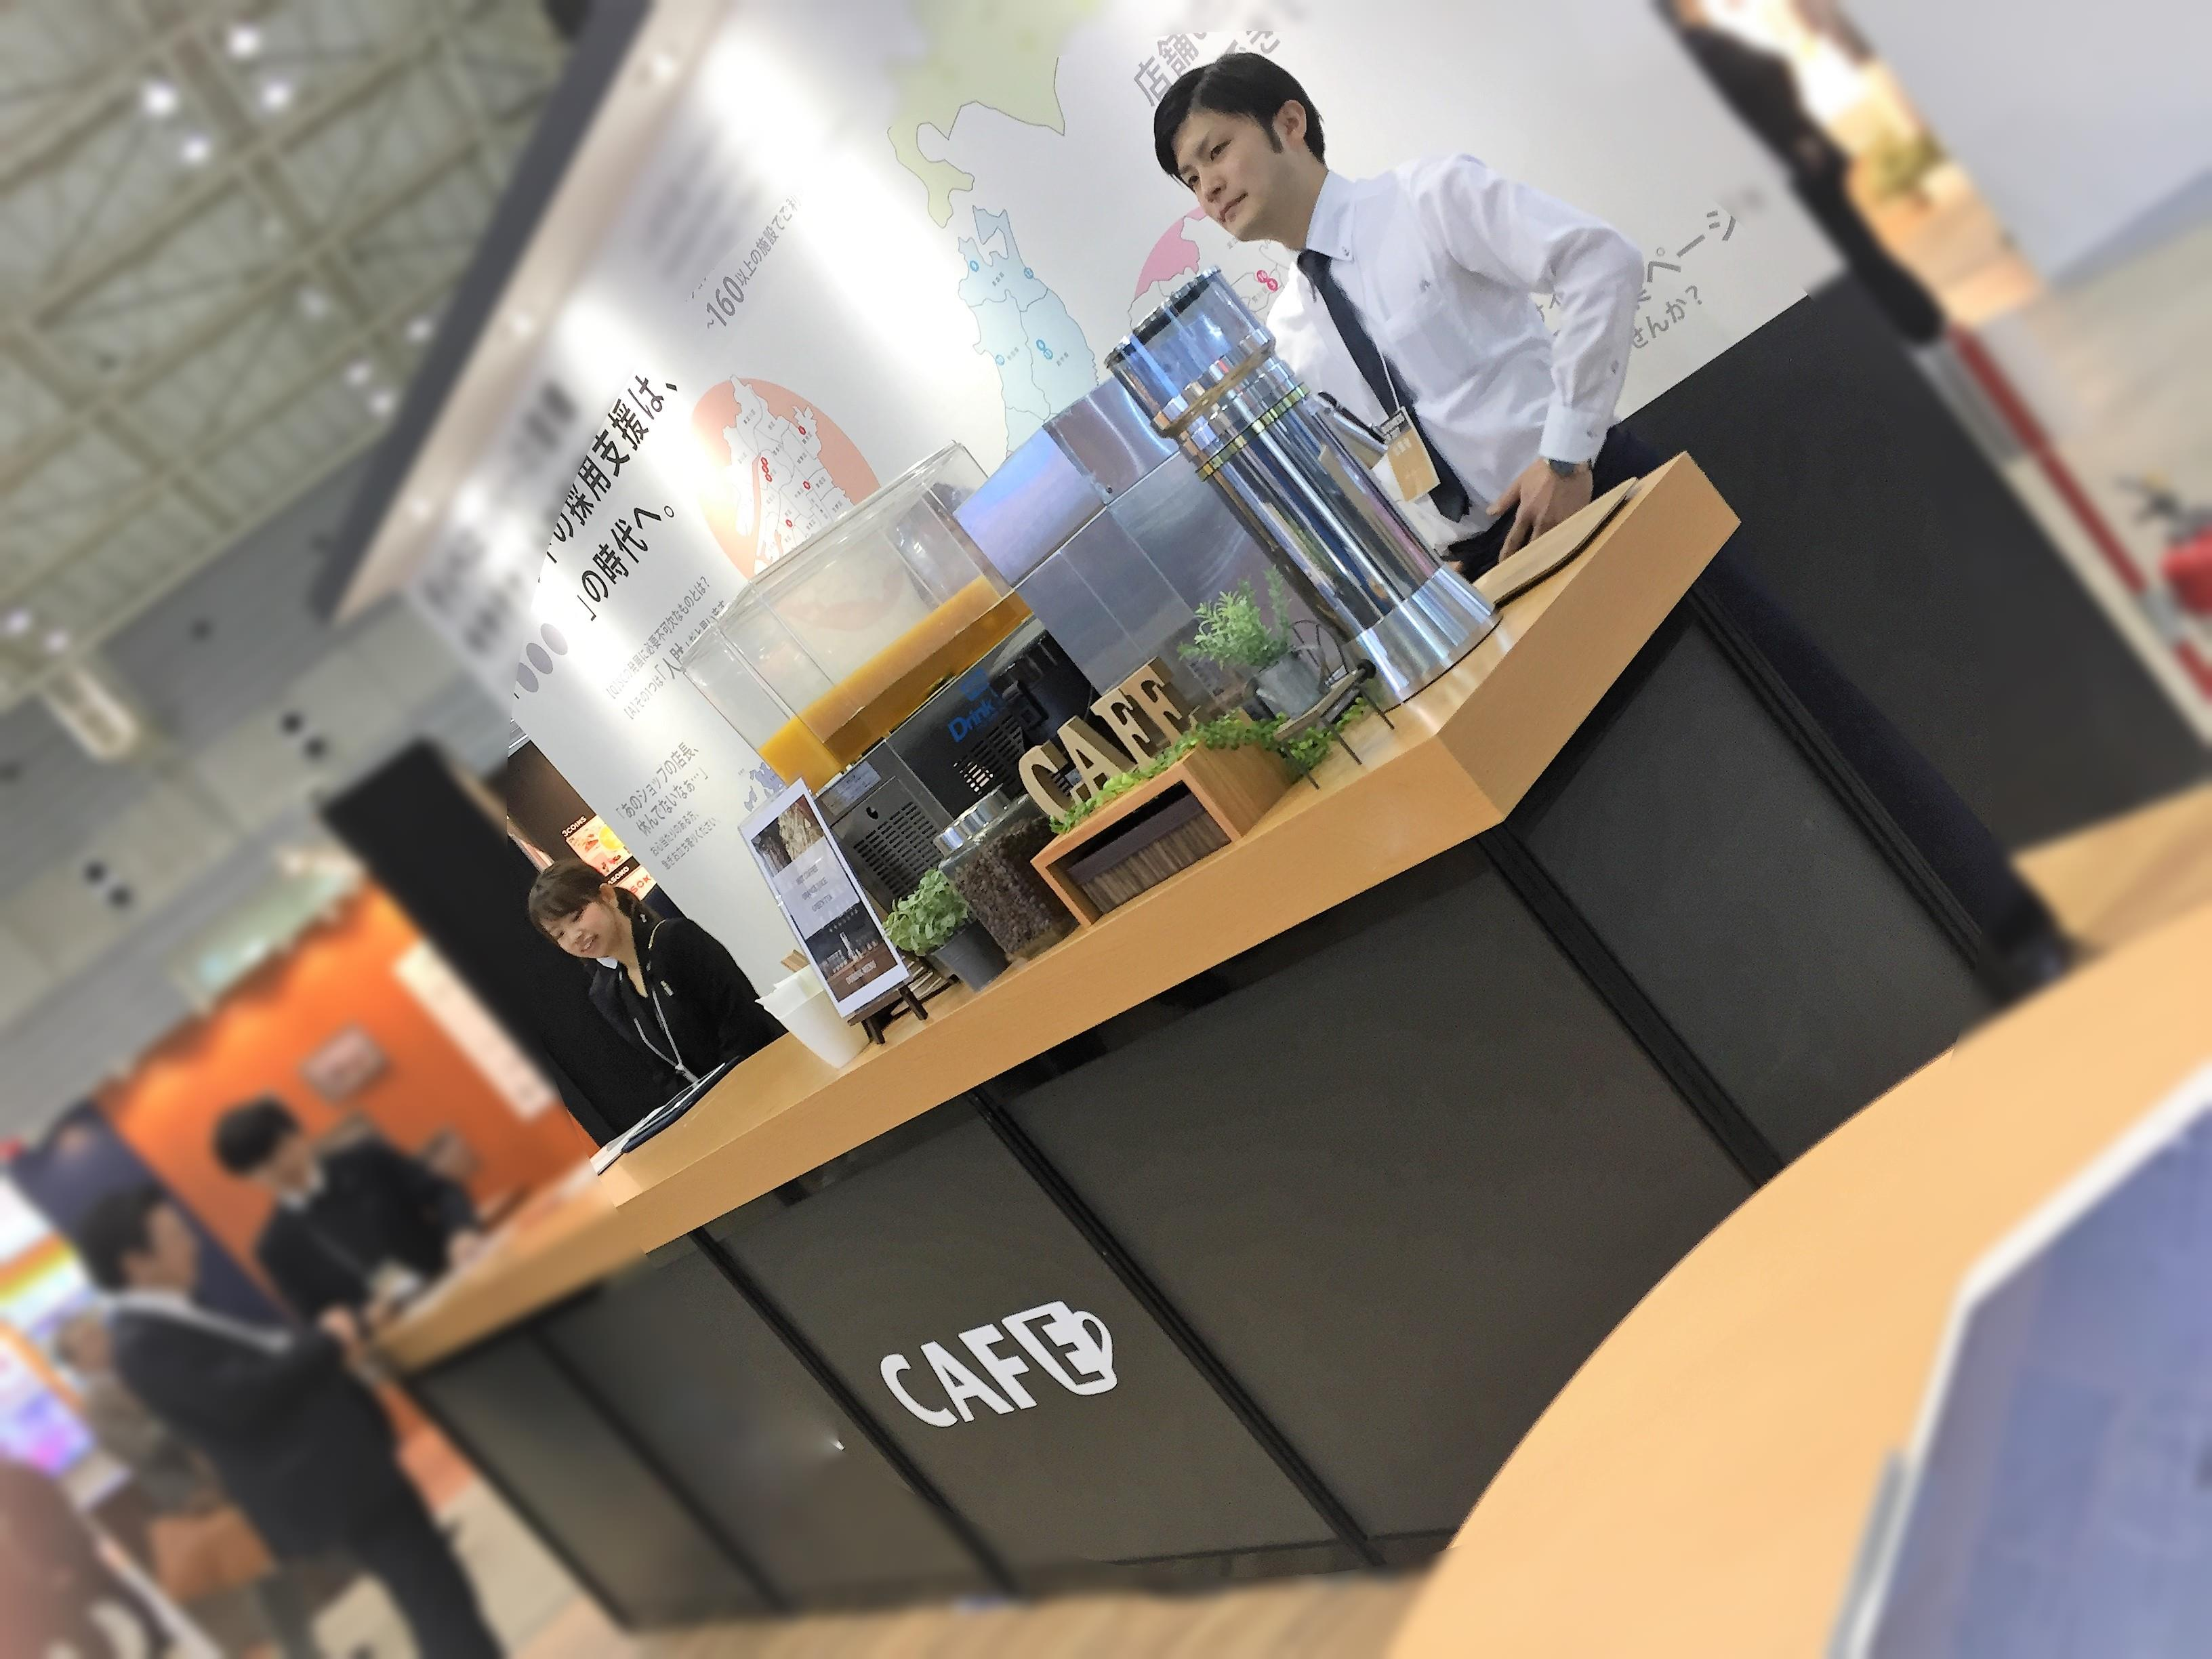 パシフィコ横浜 展示会 展示ブース カフェケータリング